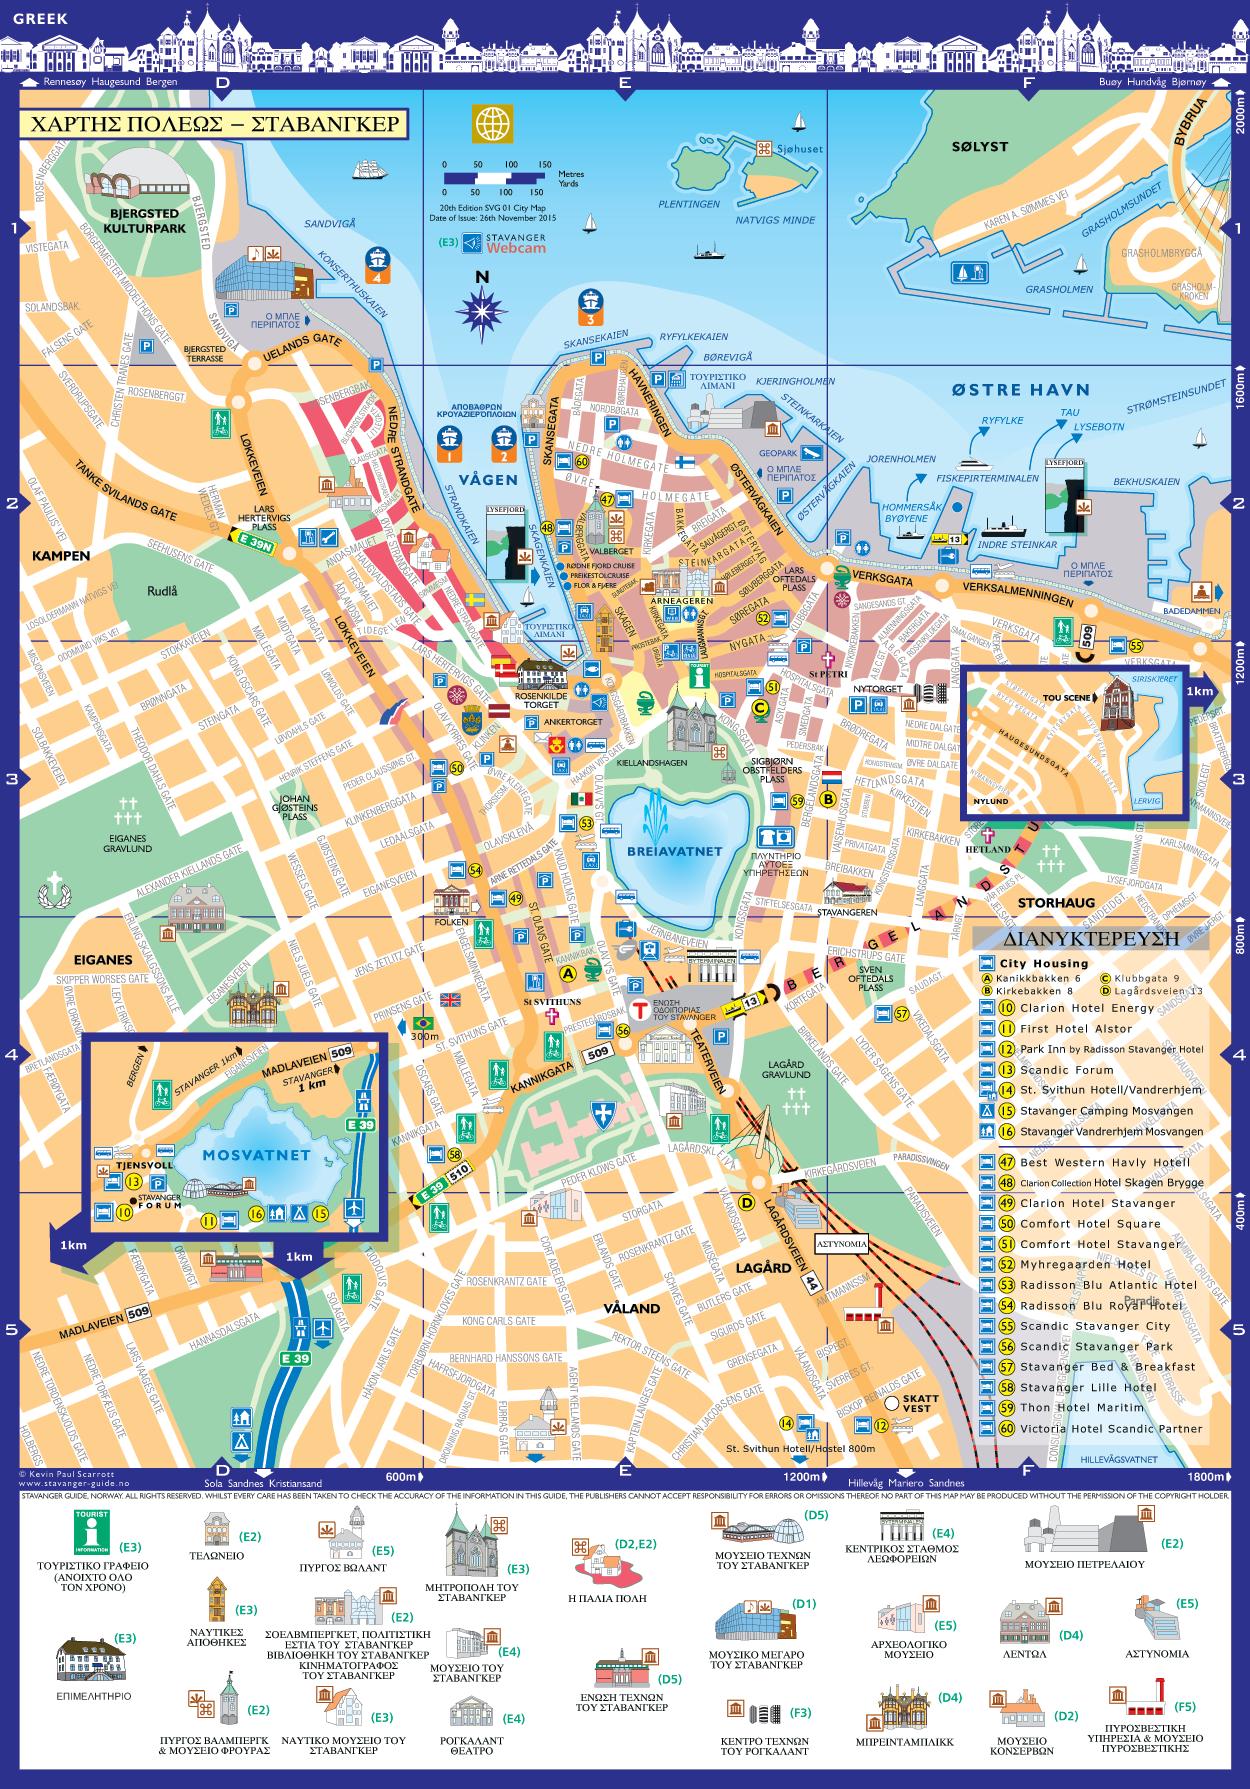 Στάβανγκερ Χάρτης Πόλης